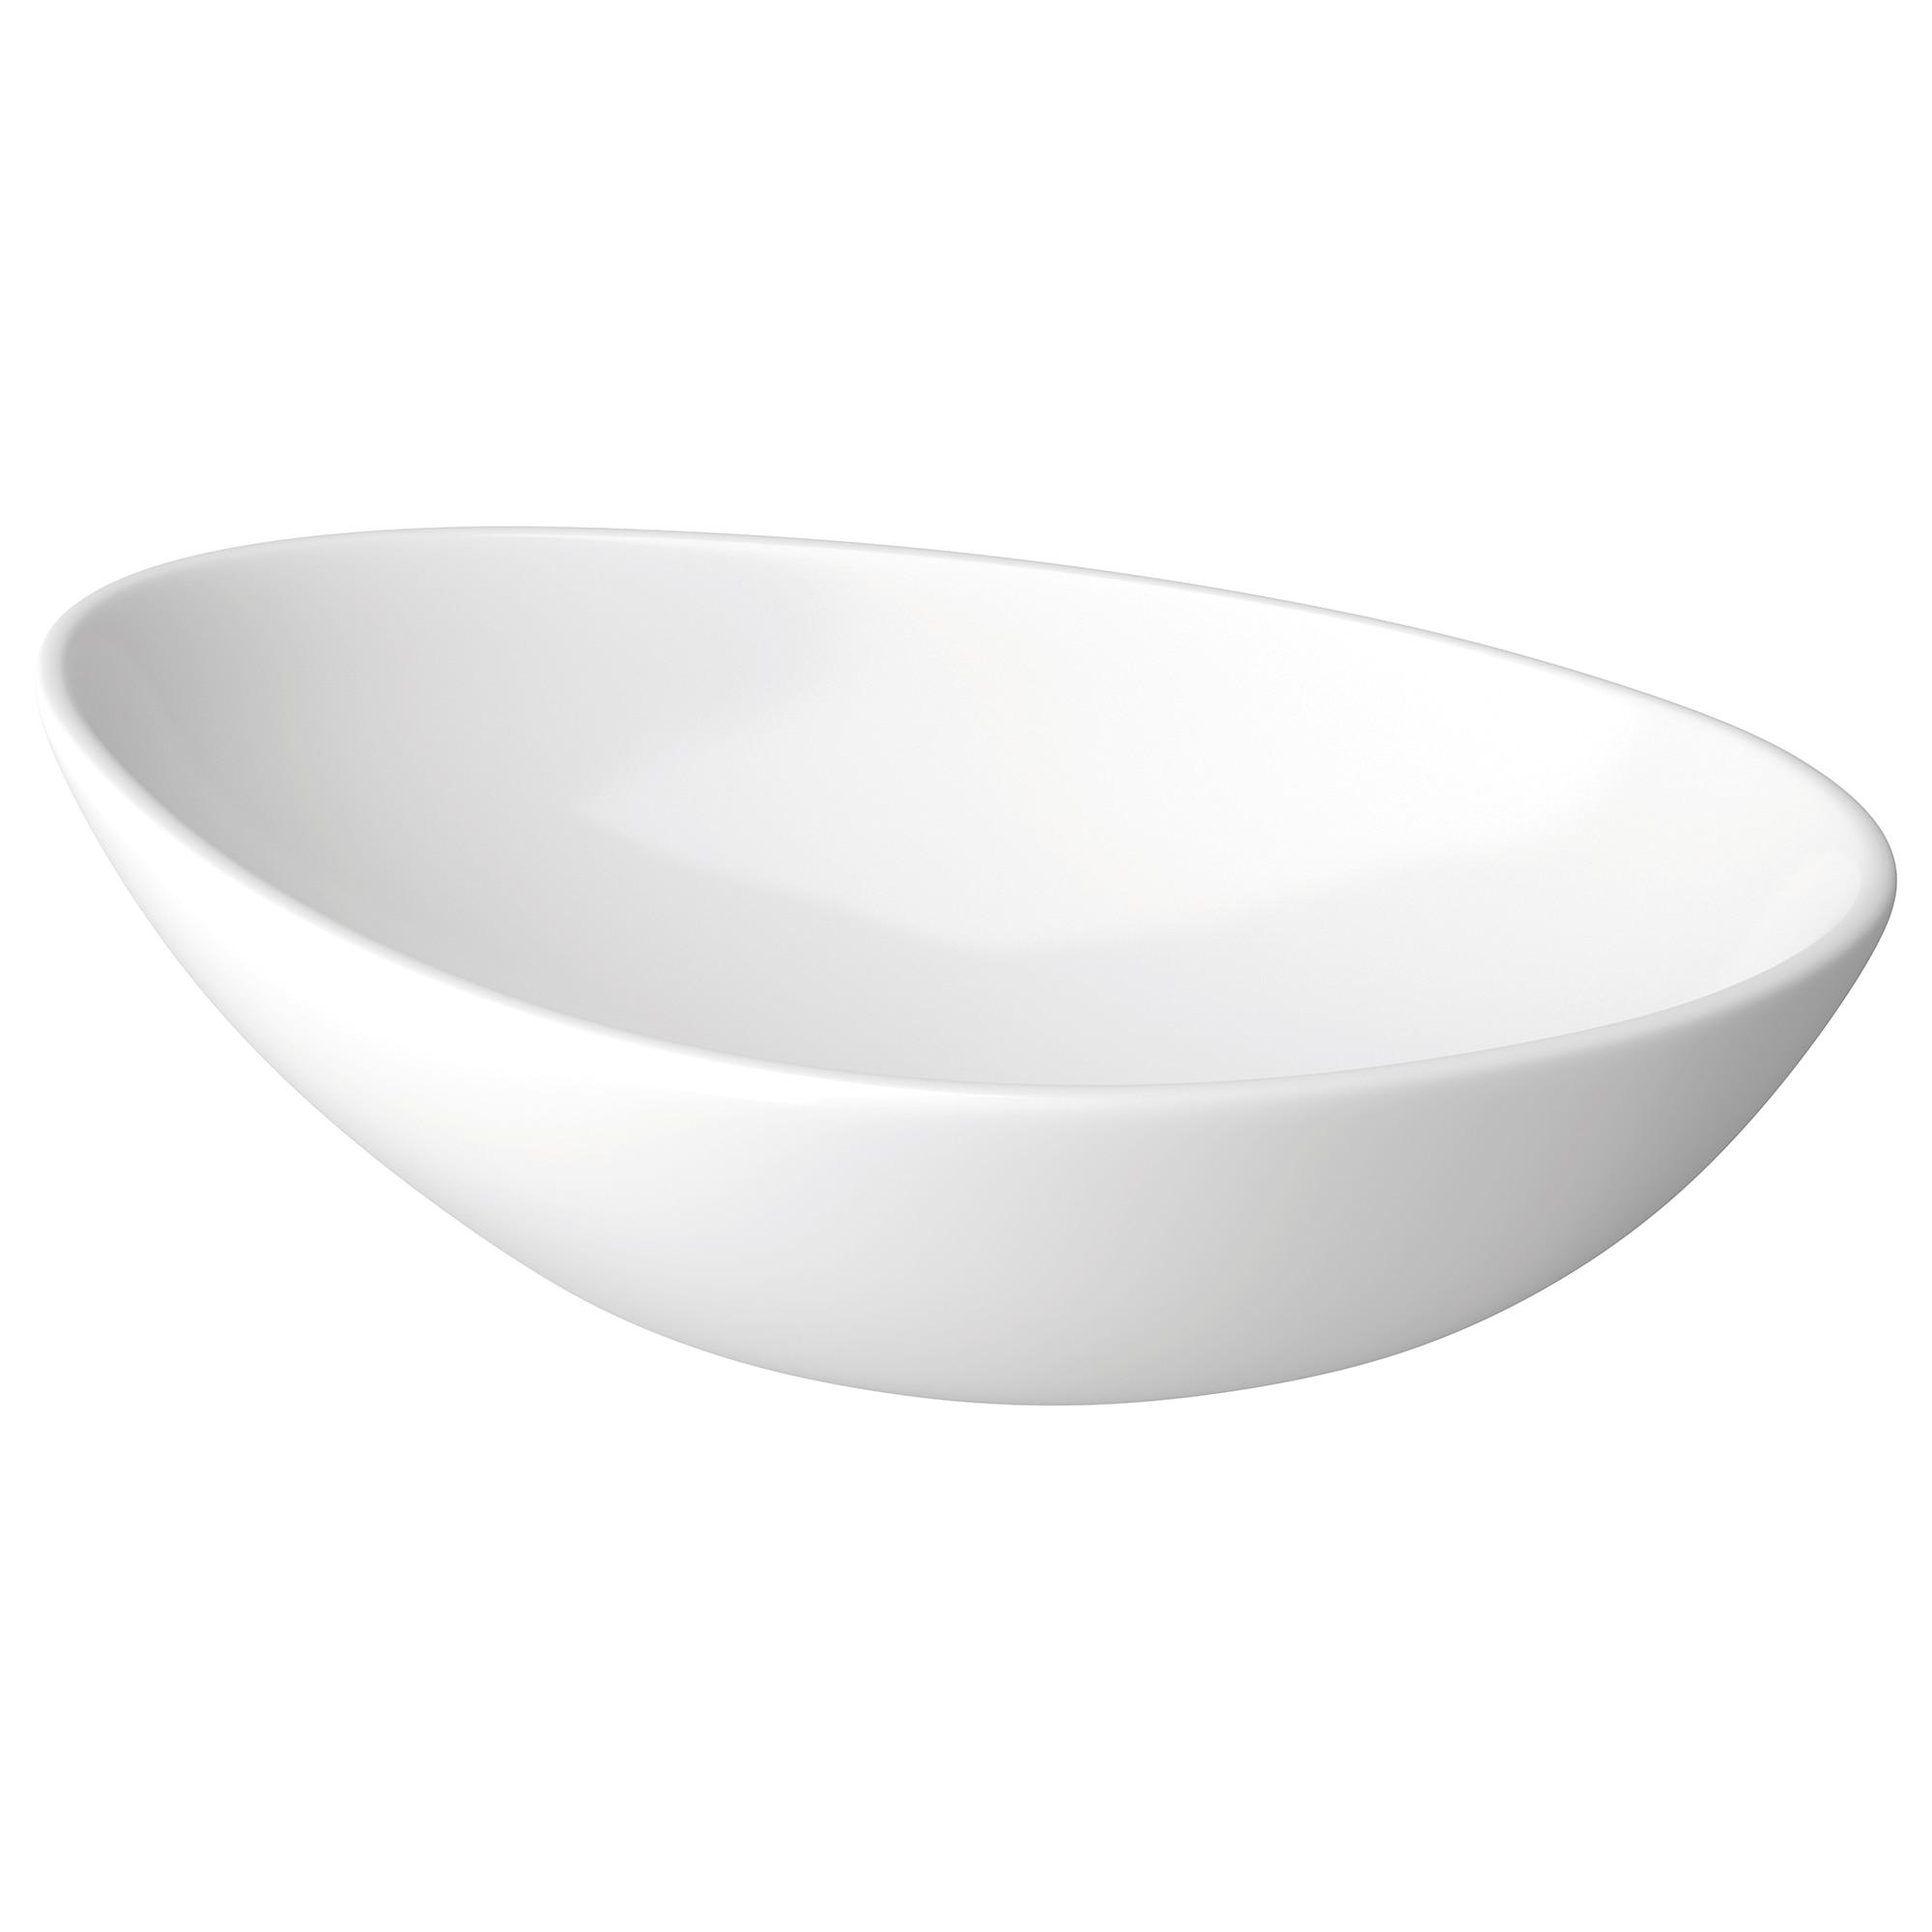 Fotografie Lavoar forma neregulata Cersanit MODUO 55 K116-052, pentru blat, compatibil cu dulapuri/blaturi Moduo sau Crea, 56.5x15 cm, adancime 36.5 cm, Ceramic